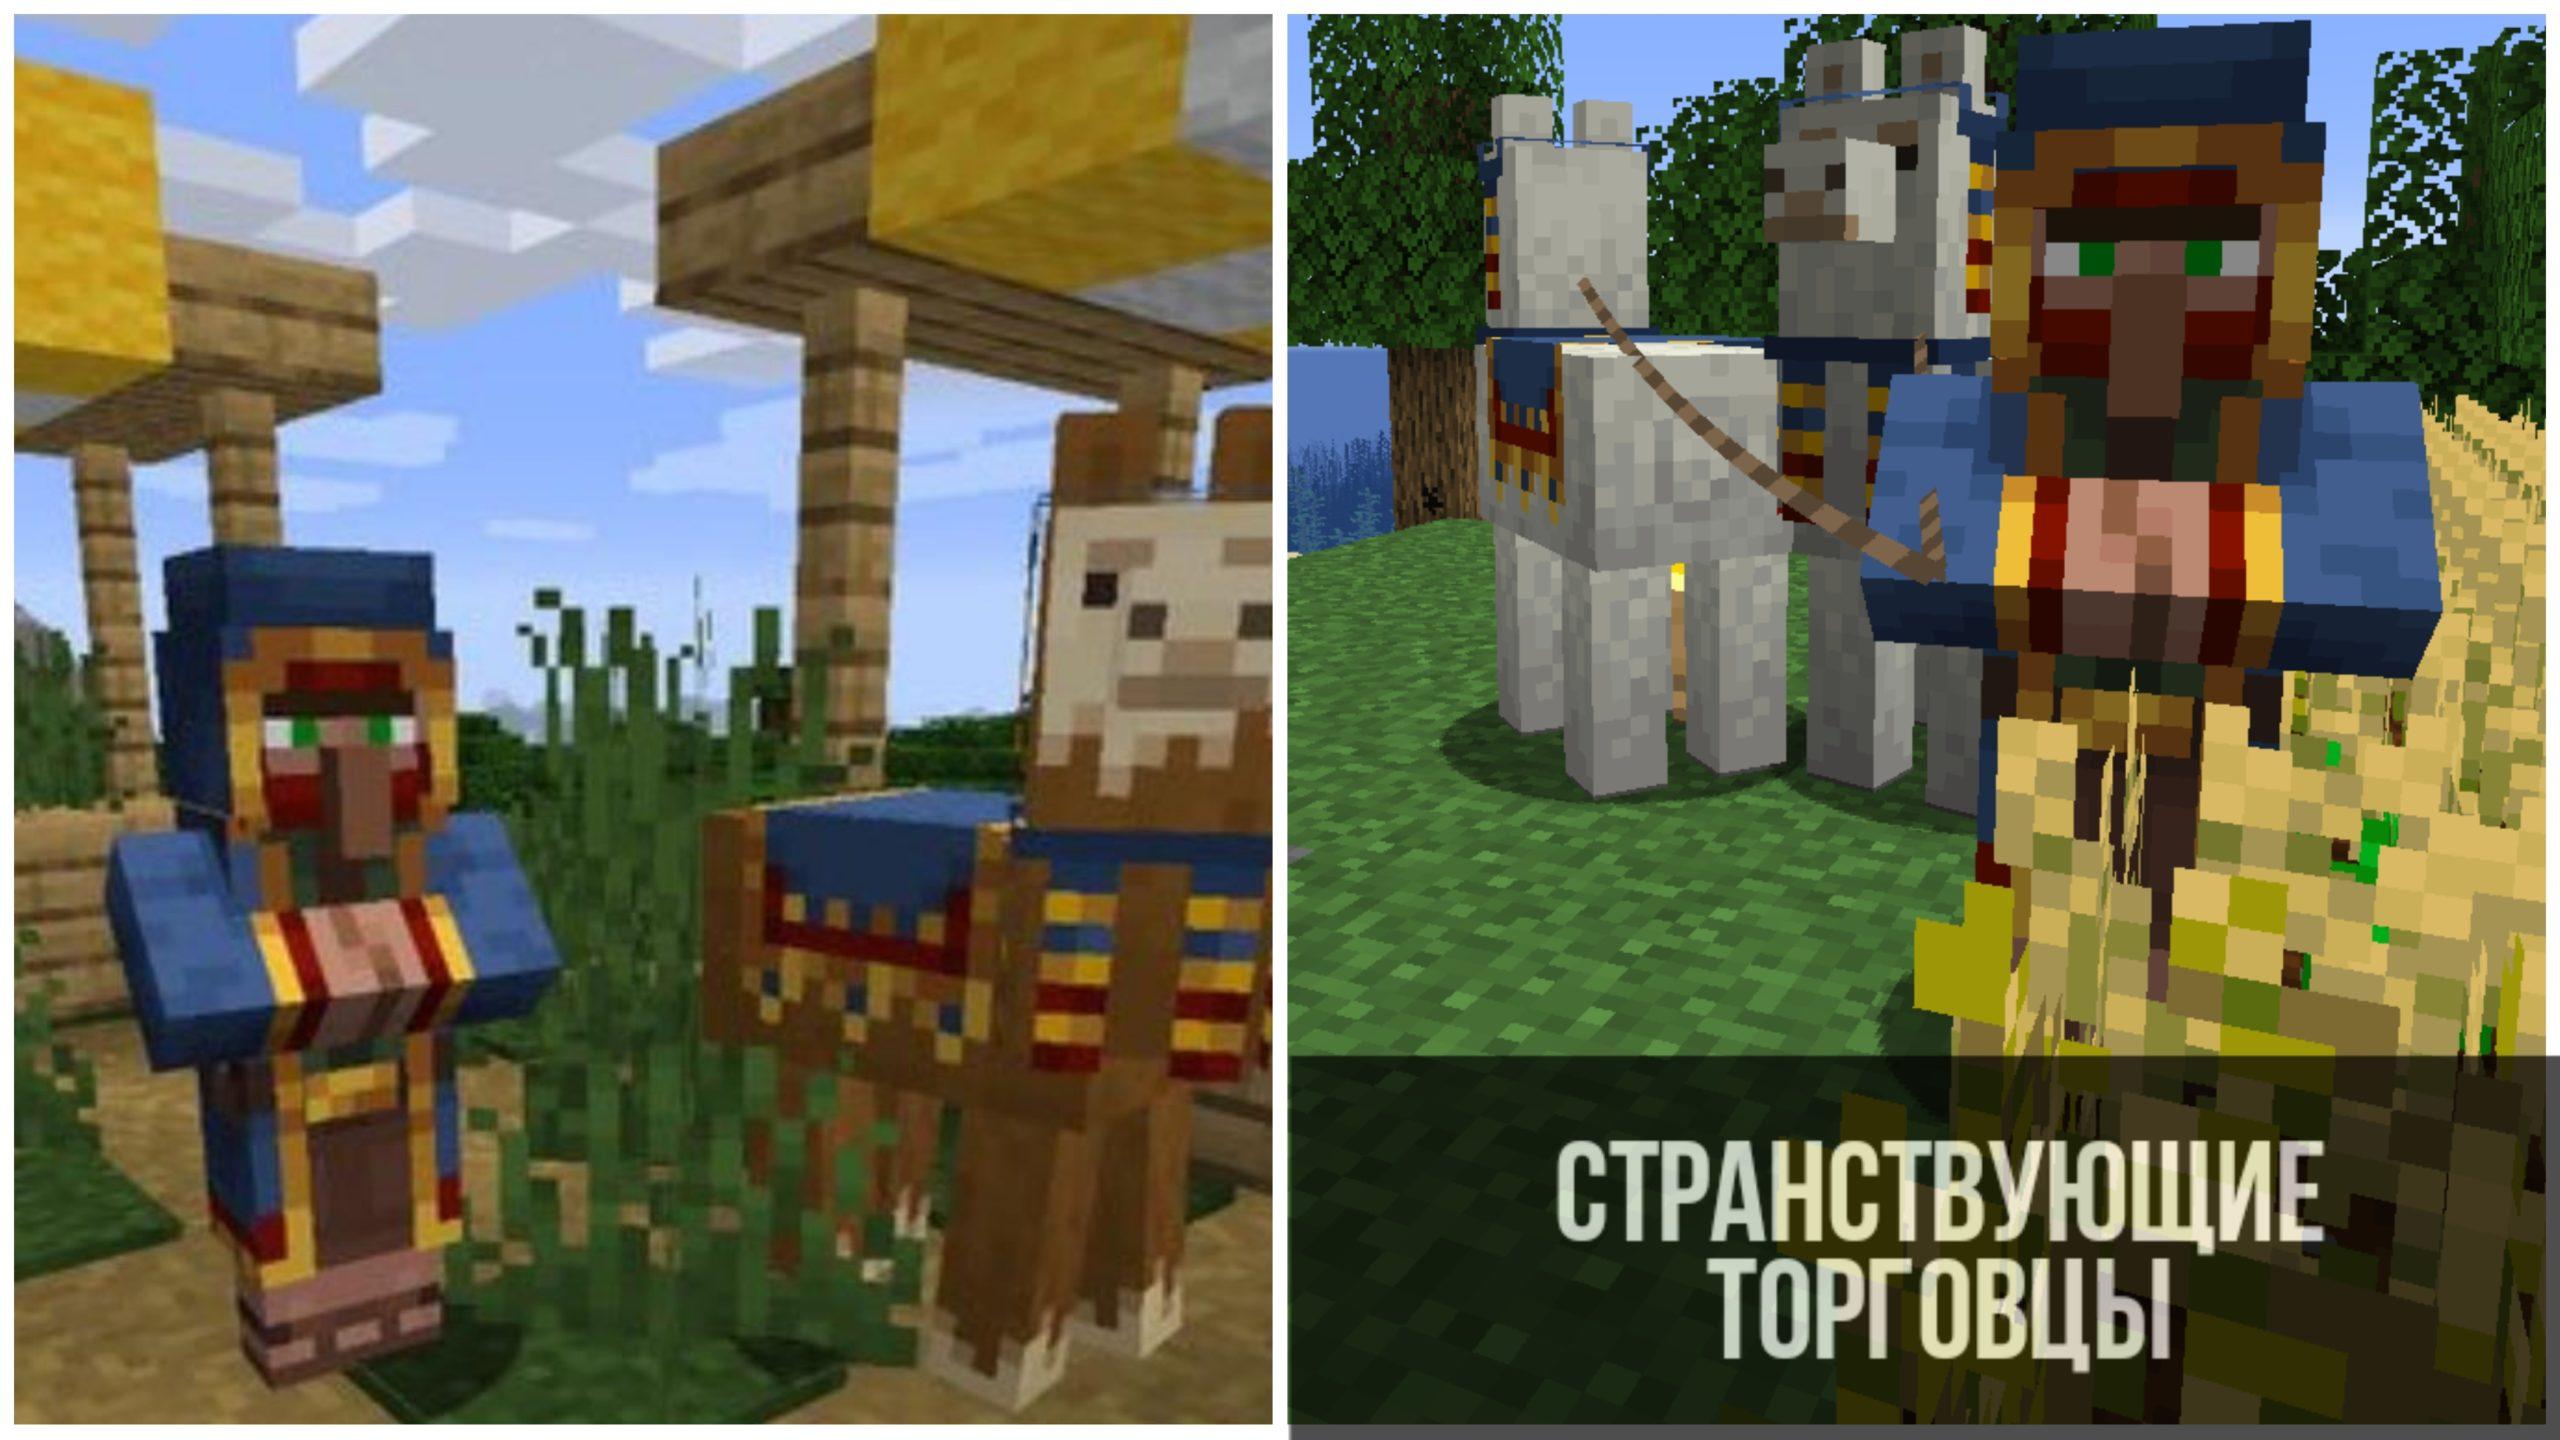 Странствующие торговцы в Minecraft PE 1.11.0.3